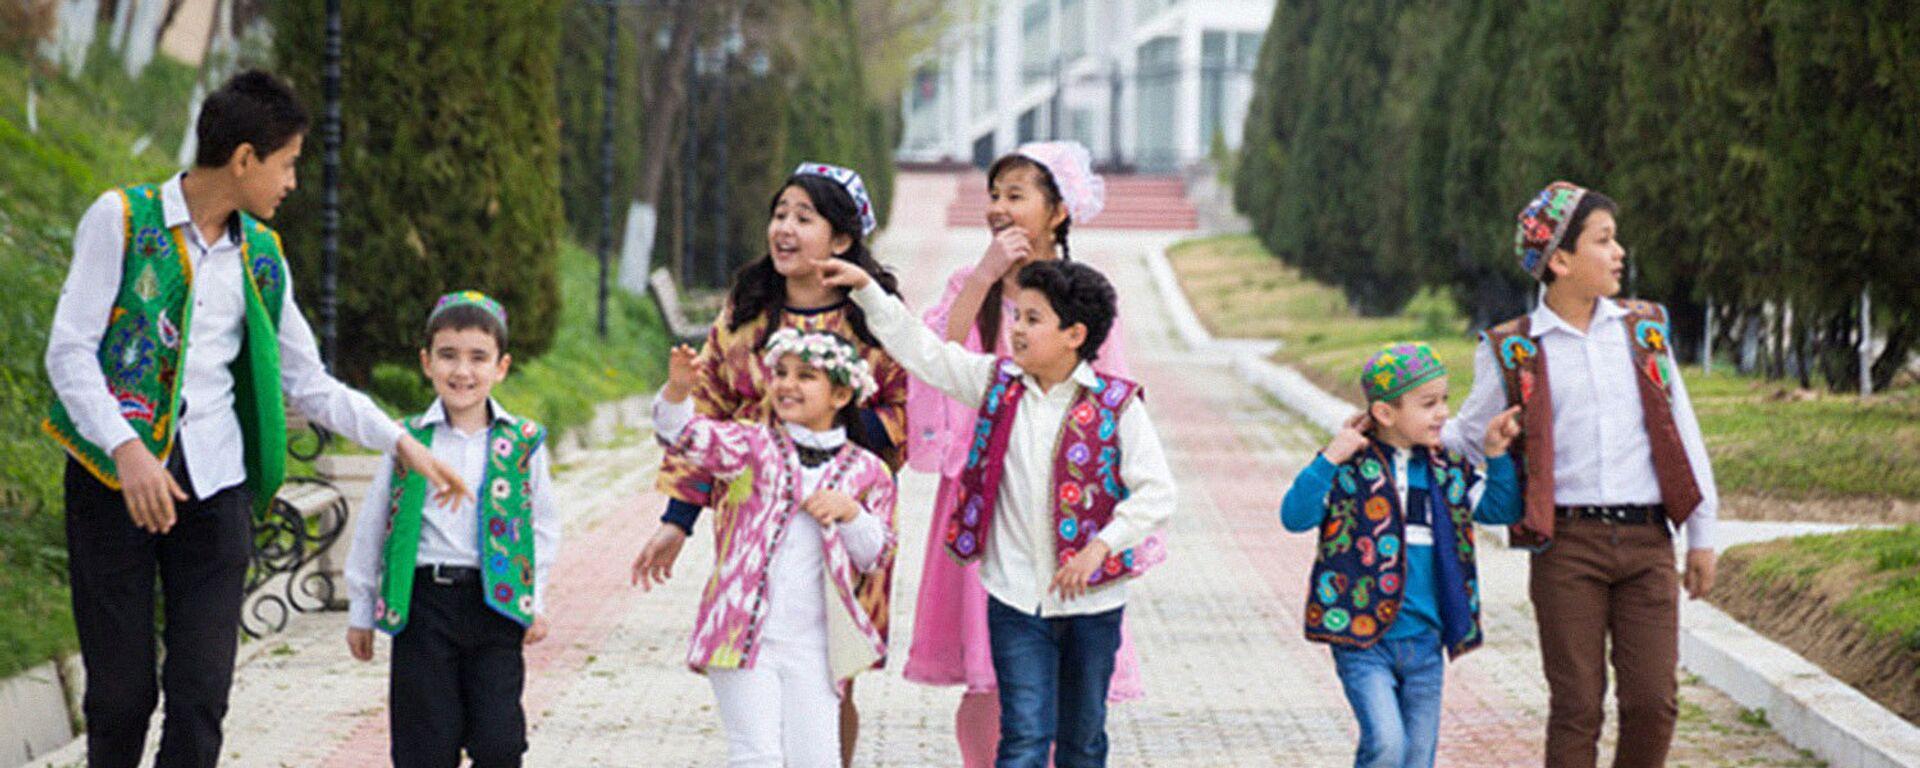 Узбекистанцы во время праздника - Sputnik Таджикистан, 1920, 22.07.2021